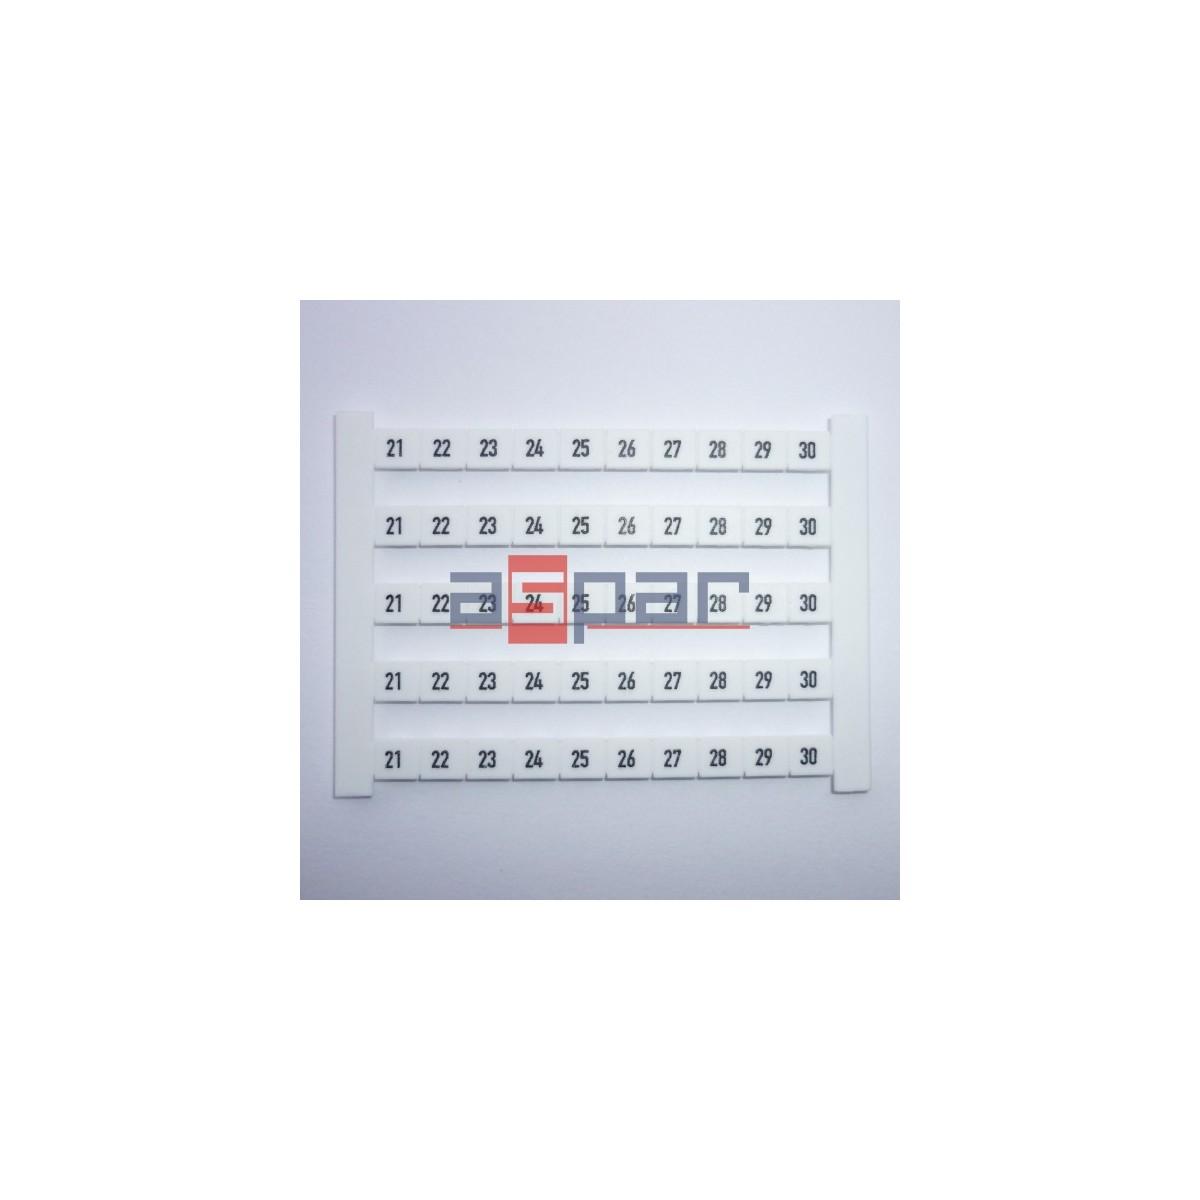 Oznacznik poziomy DEK 6 FWZ 21-30, 0518960021